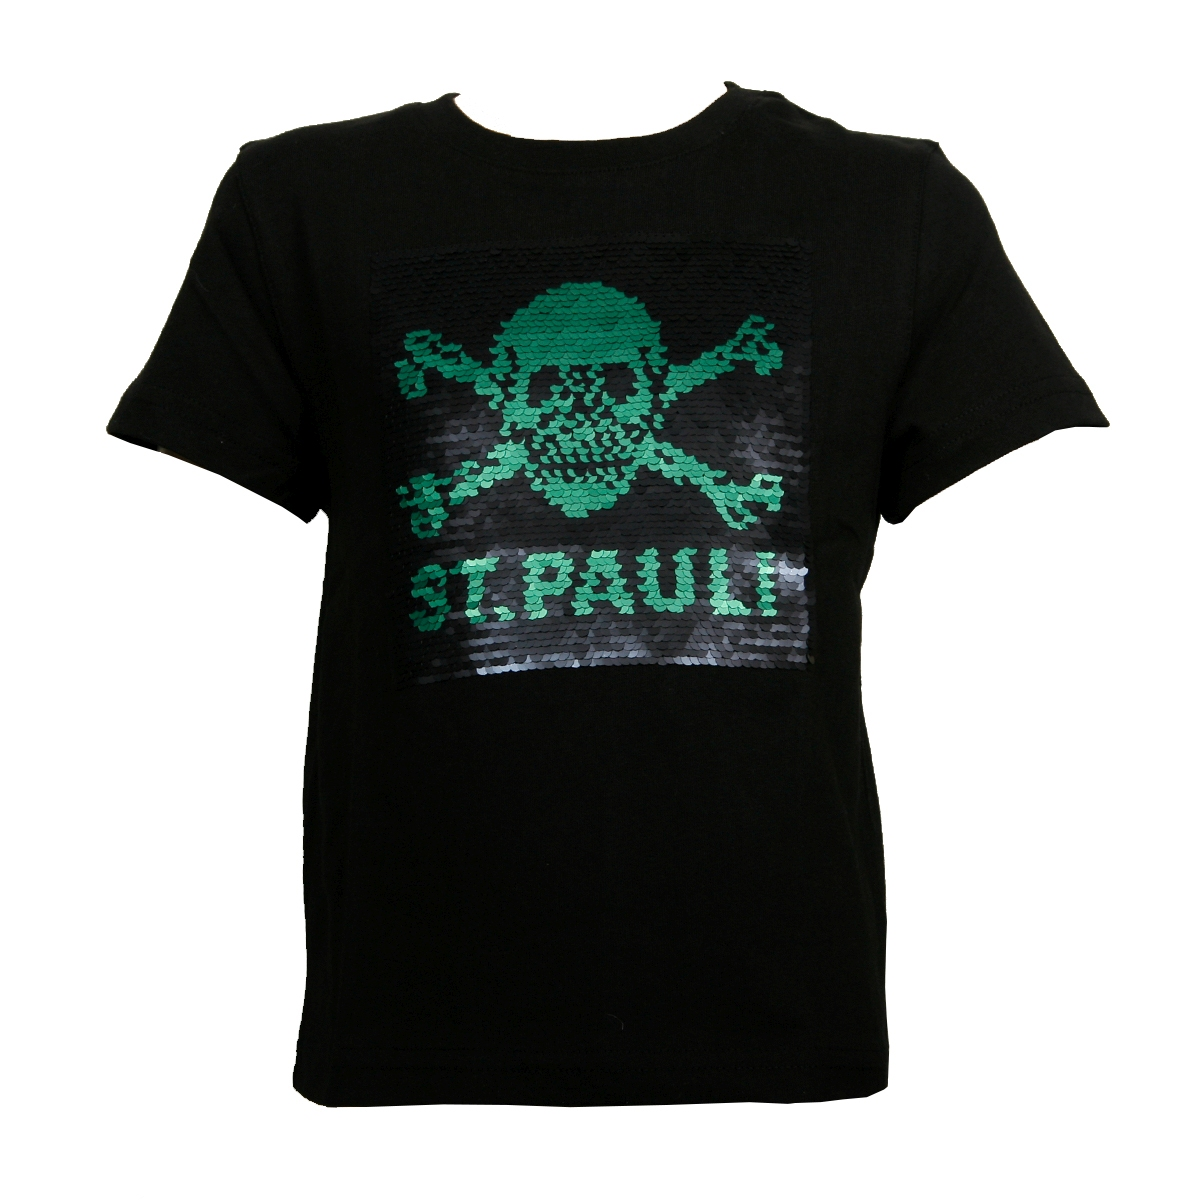 FC St. Pauli - Kinder T-Shirt Black Matte Totenkopf - schwarz